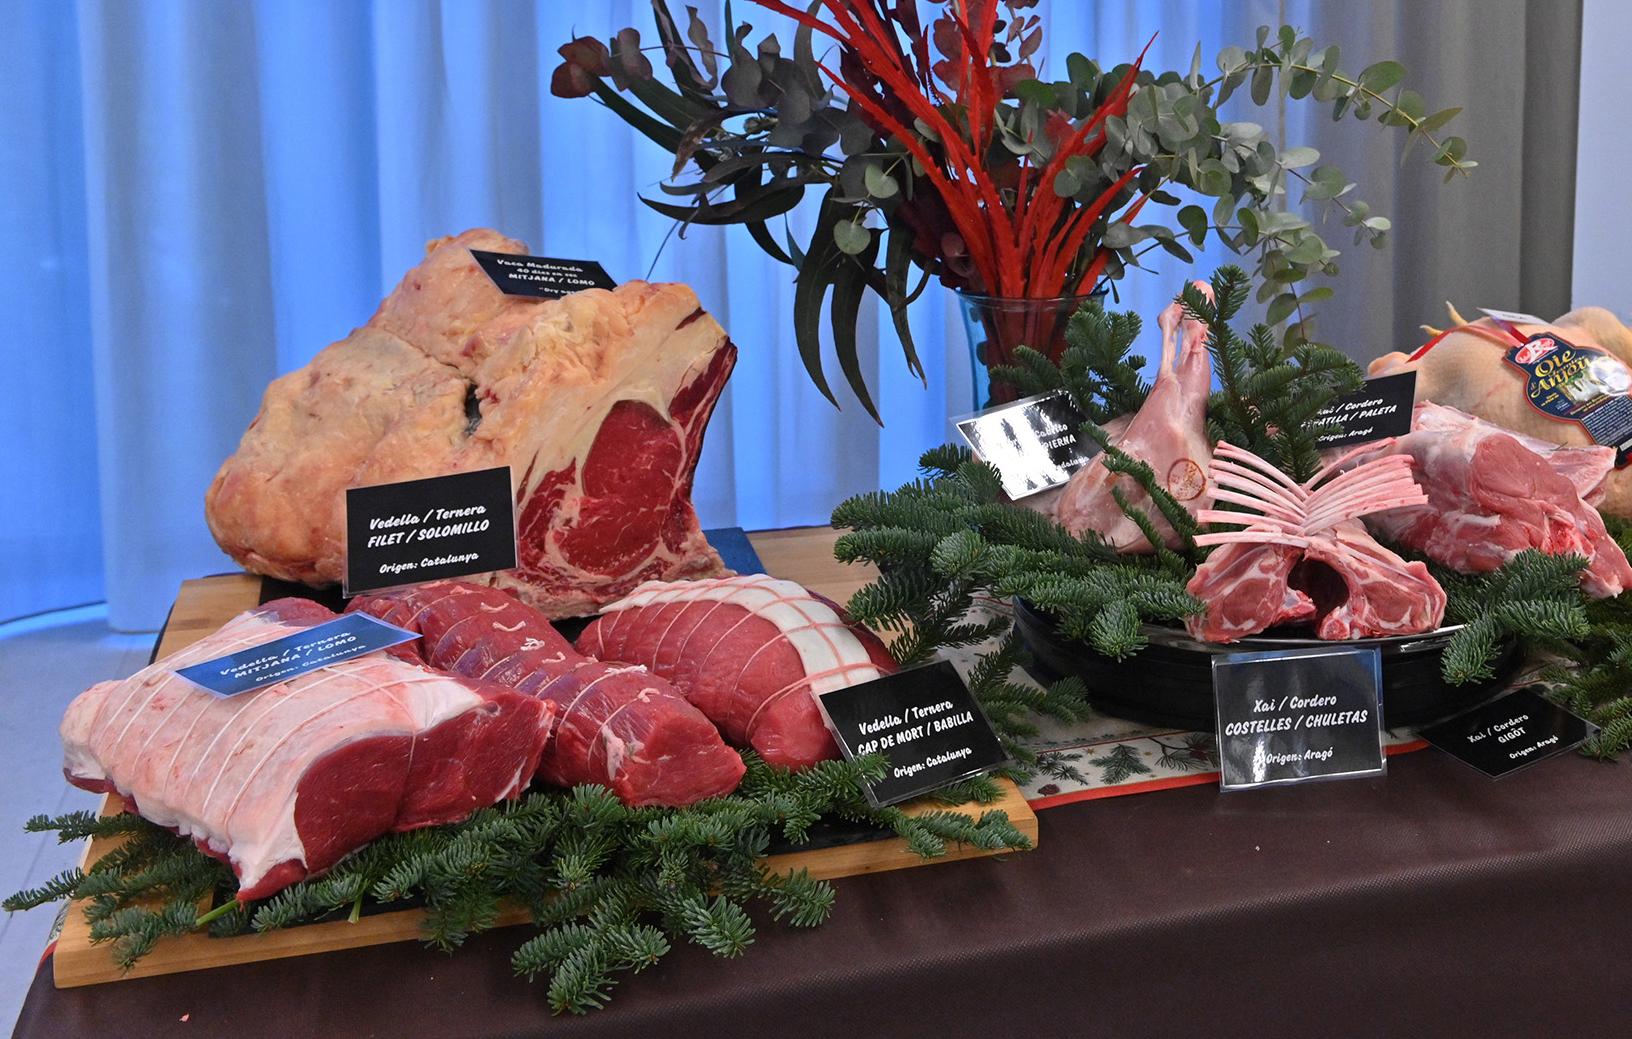 La empresa Sucarn ha presentado su selección de carnes maduradas